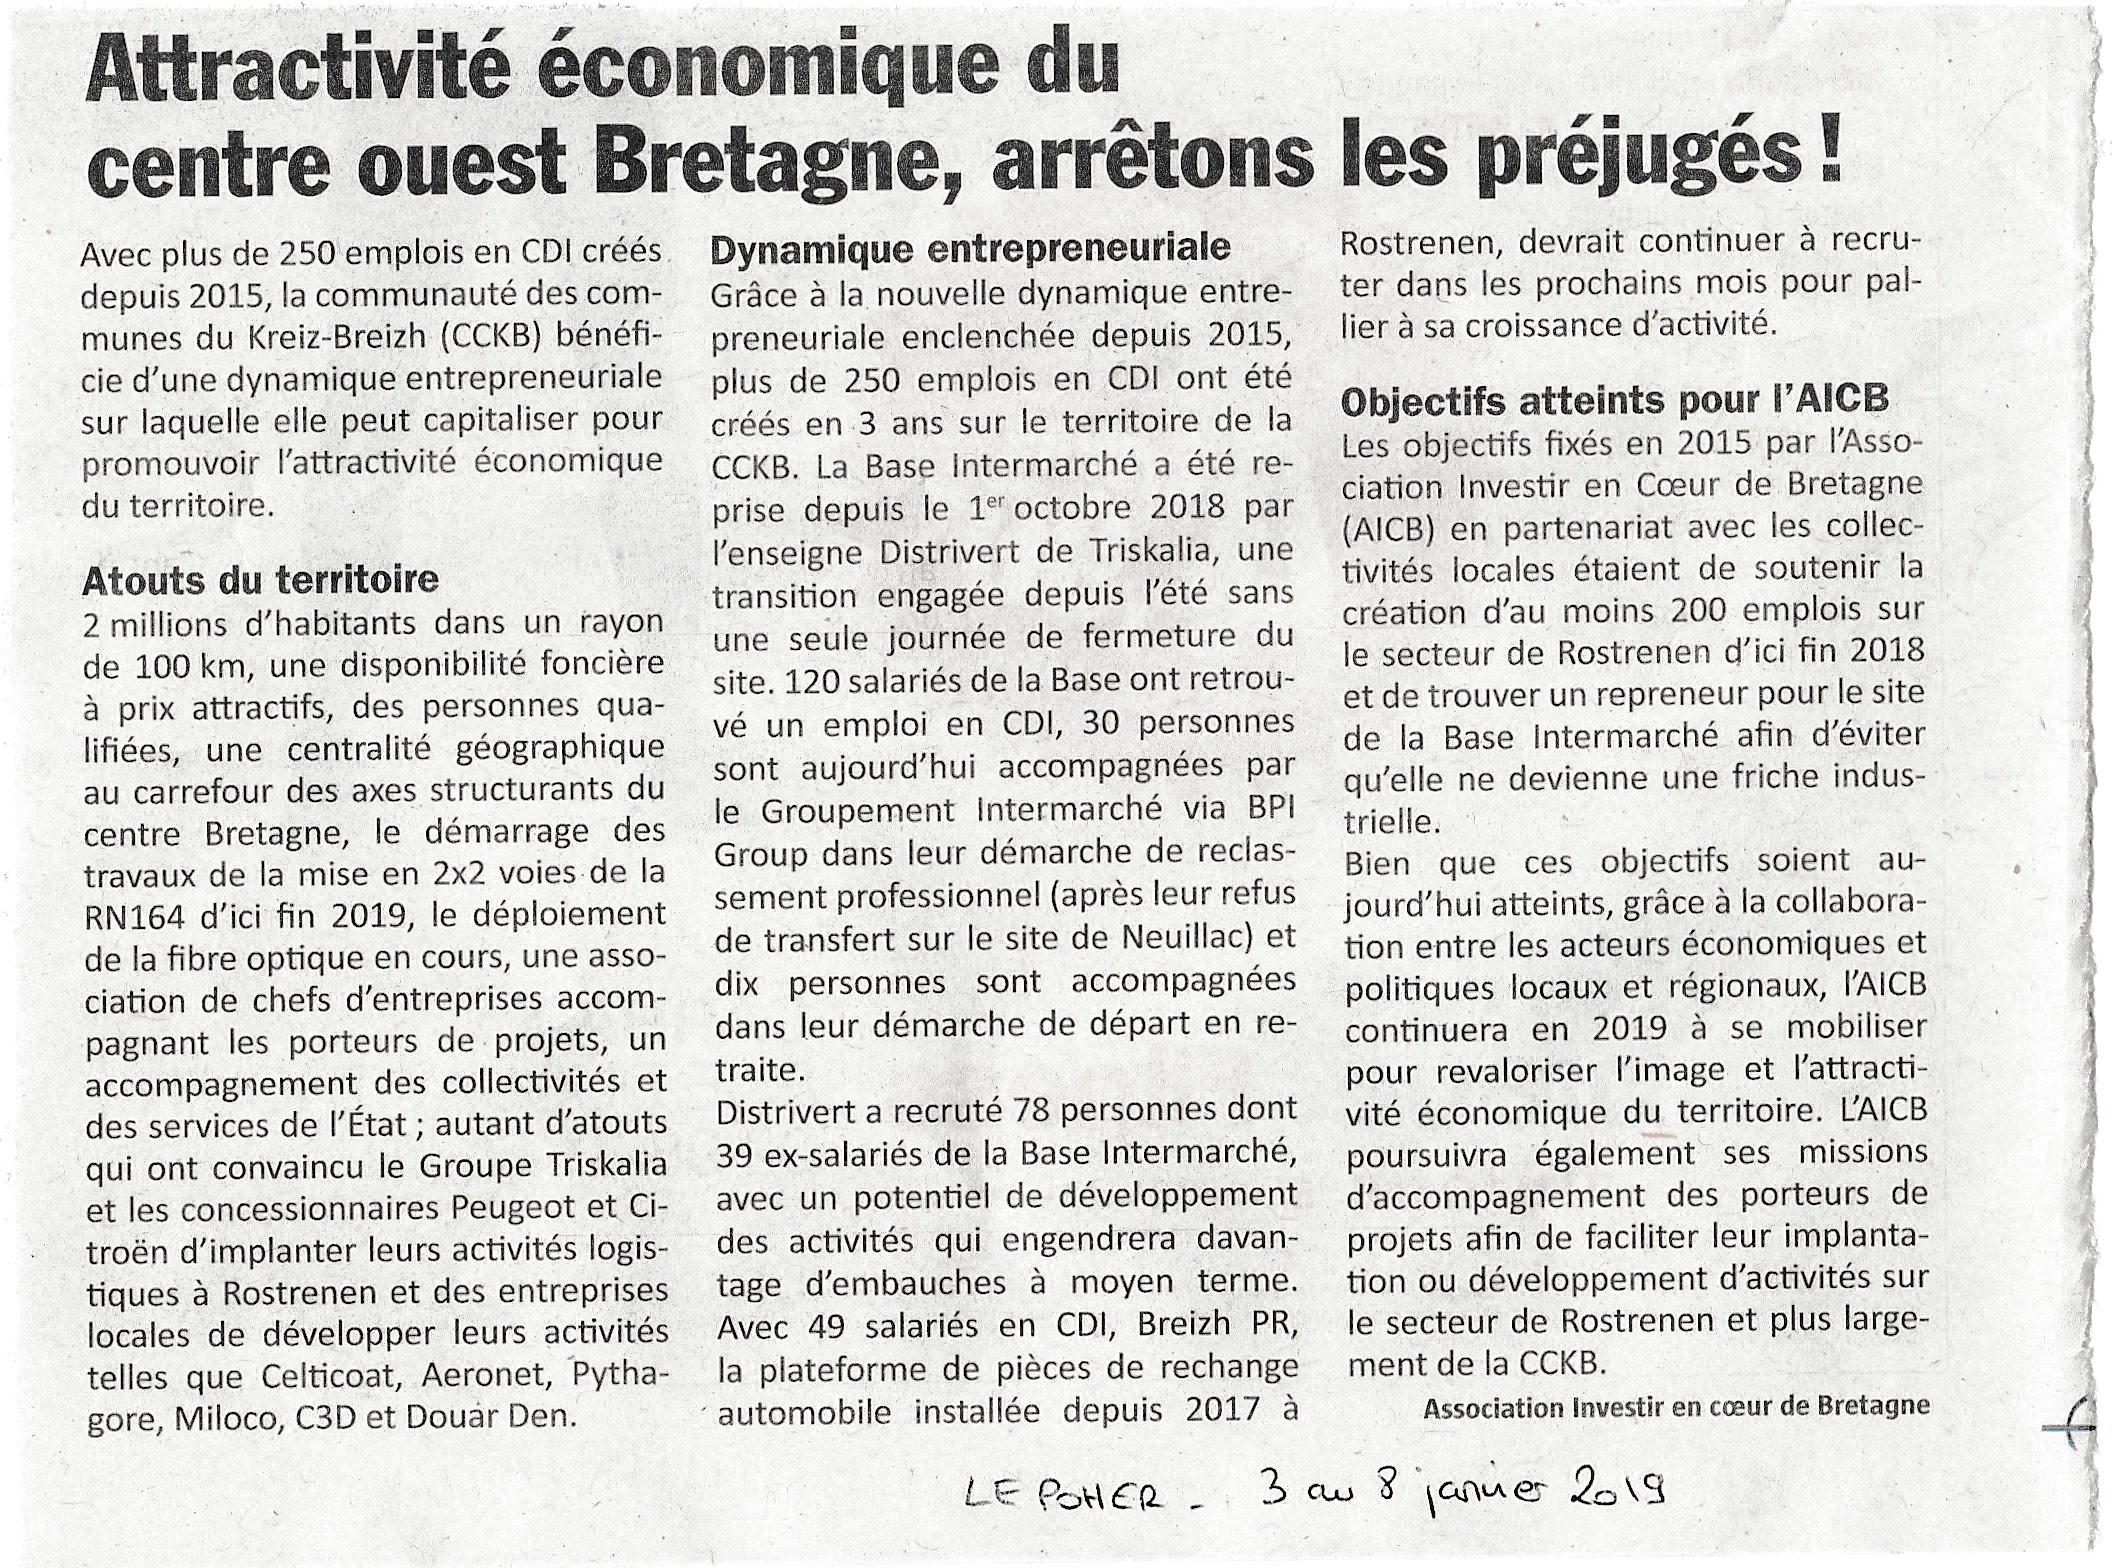 Communiqué de Presse - Attractivité économique - Le Poher